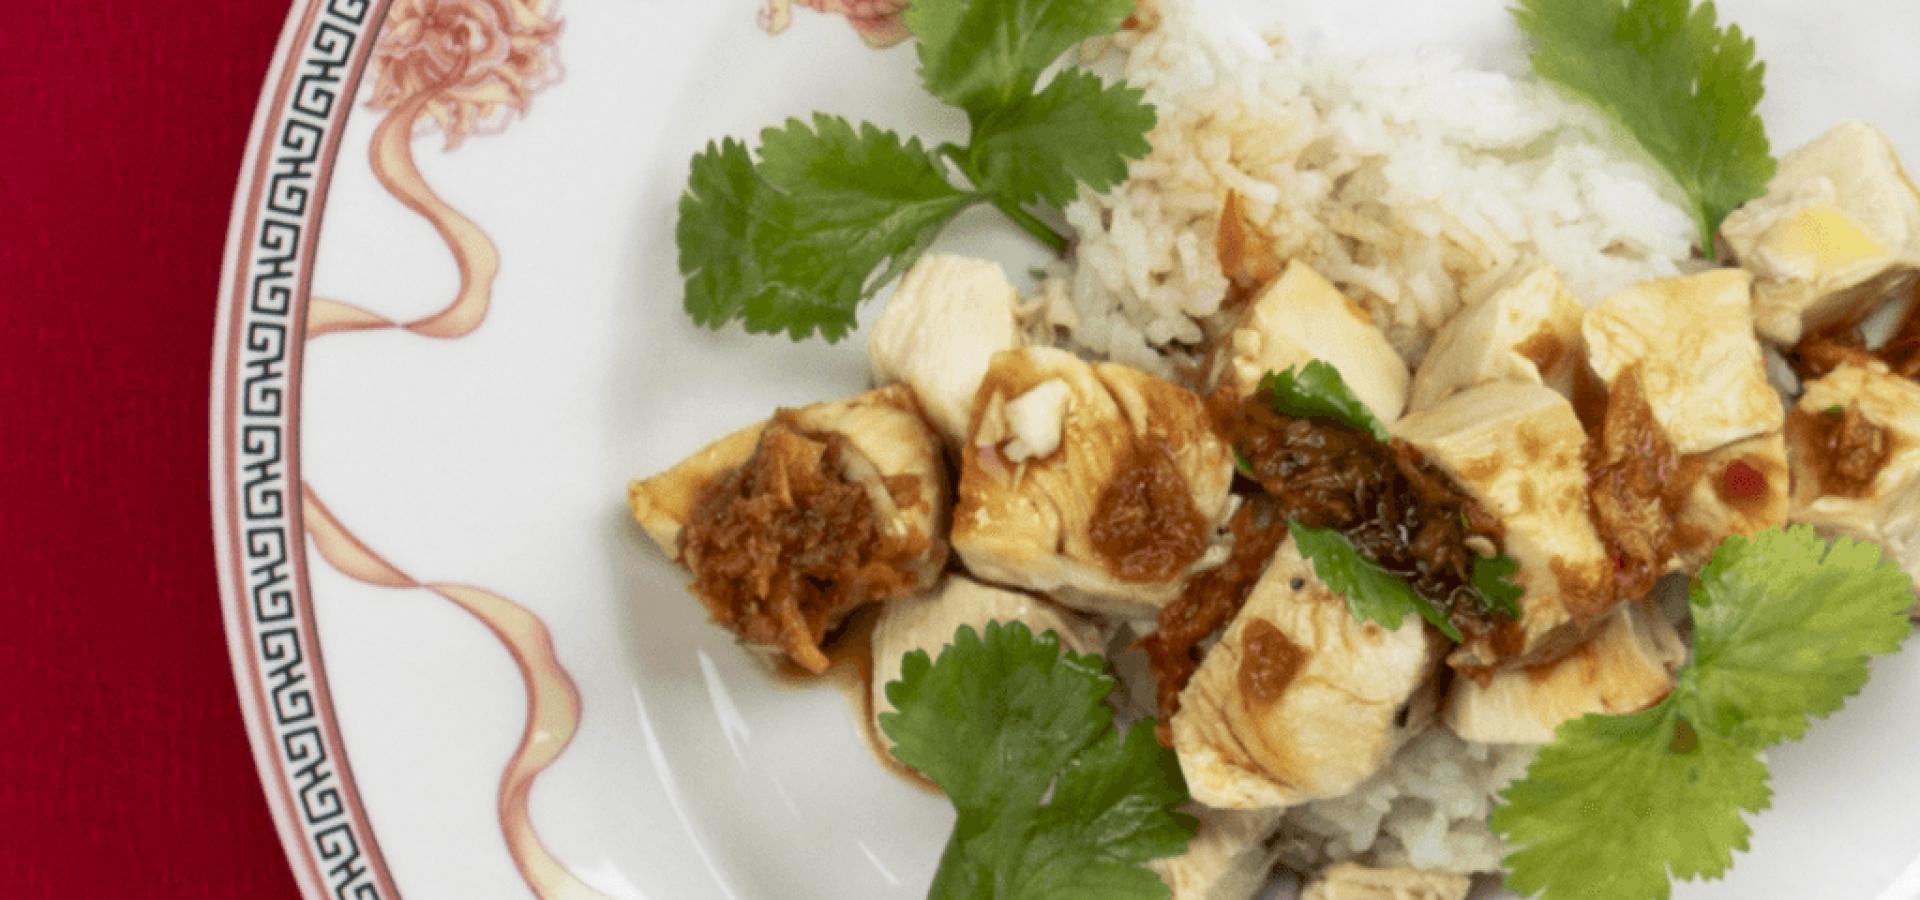 Receta de Pollo con arroz Hainan